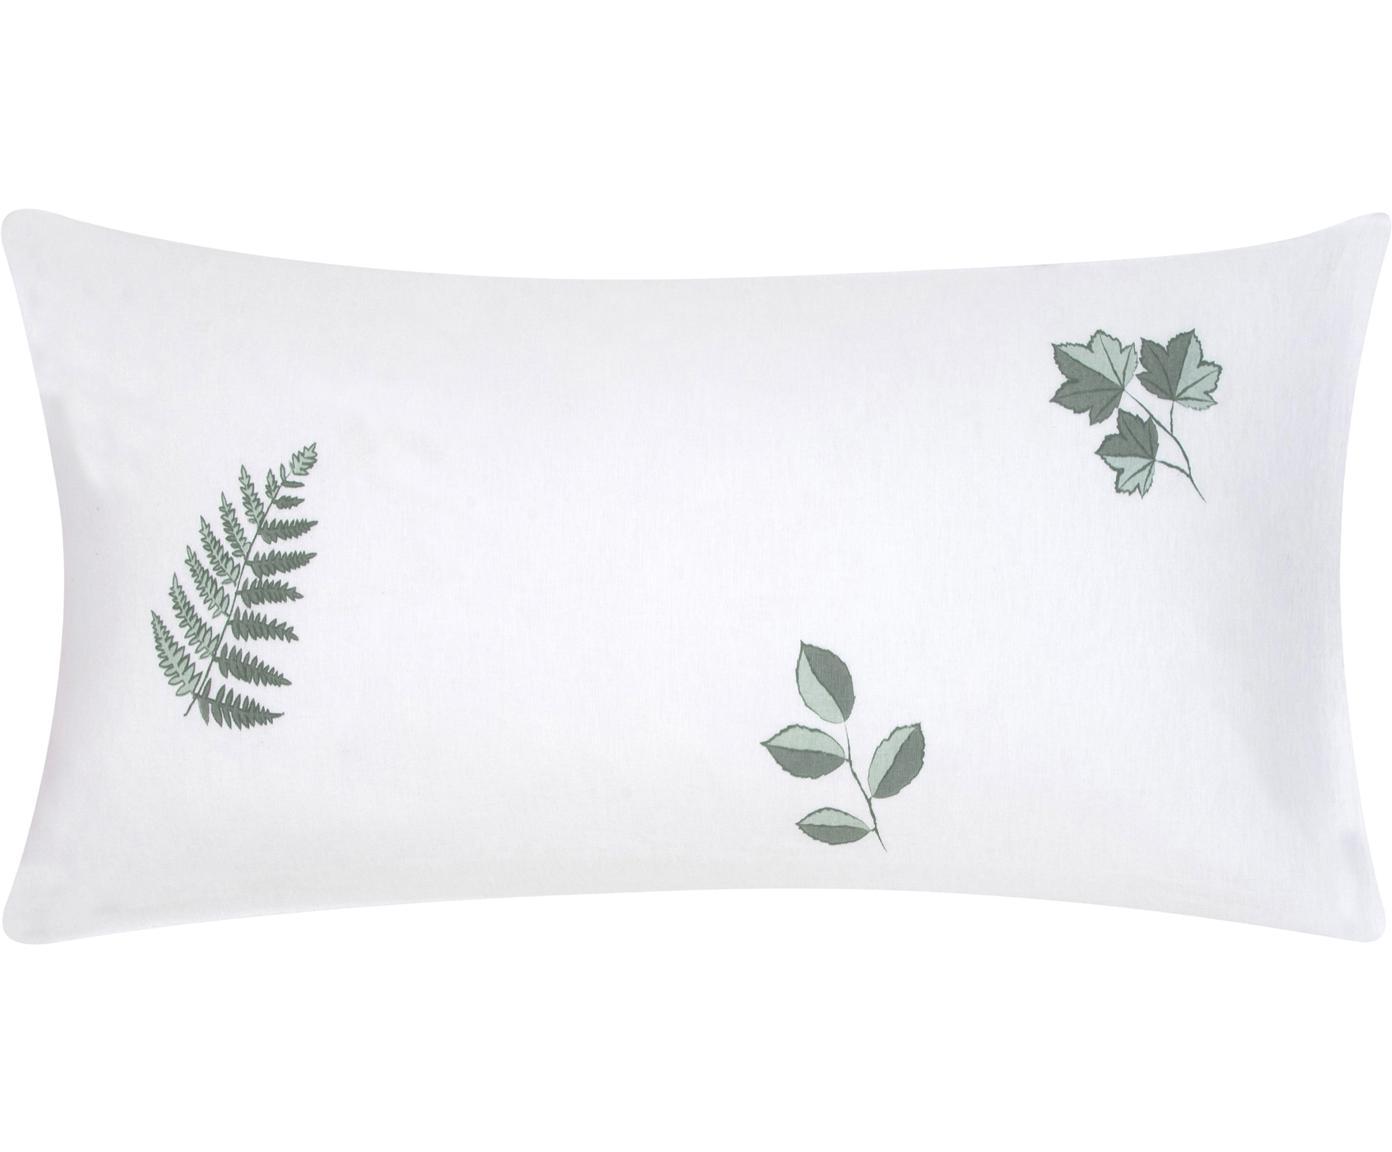 Flanell-Kissenbezüge Fraser mit winterlichem Blattmuster, 2 Stück, Webart: Flanell, Salbeigrün, Weiß, 40 x 80 cm